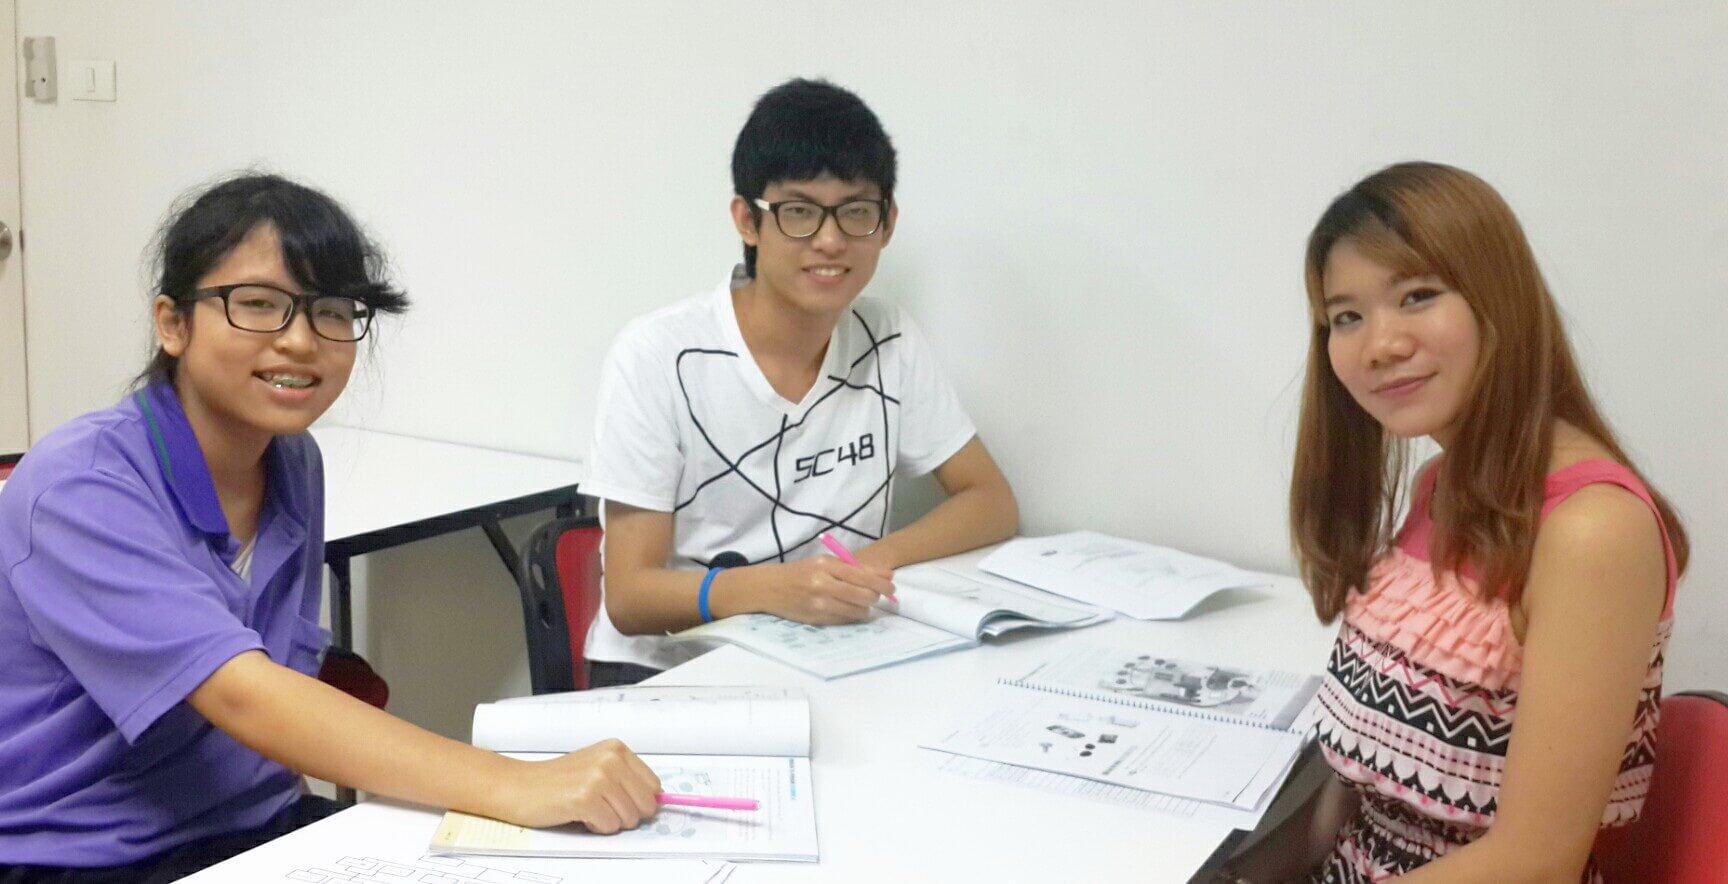 ครูบอนนี่ สอนภาษาอังกฤษ